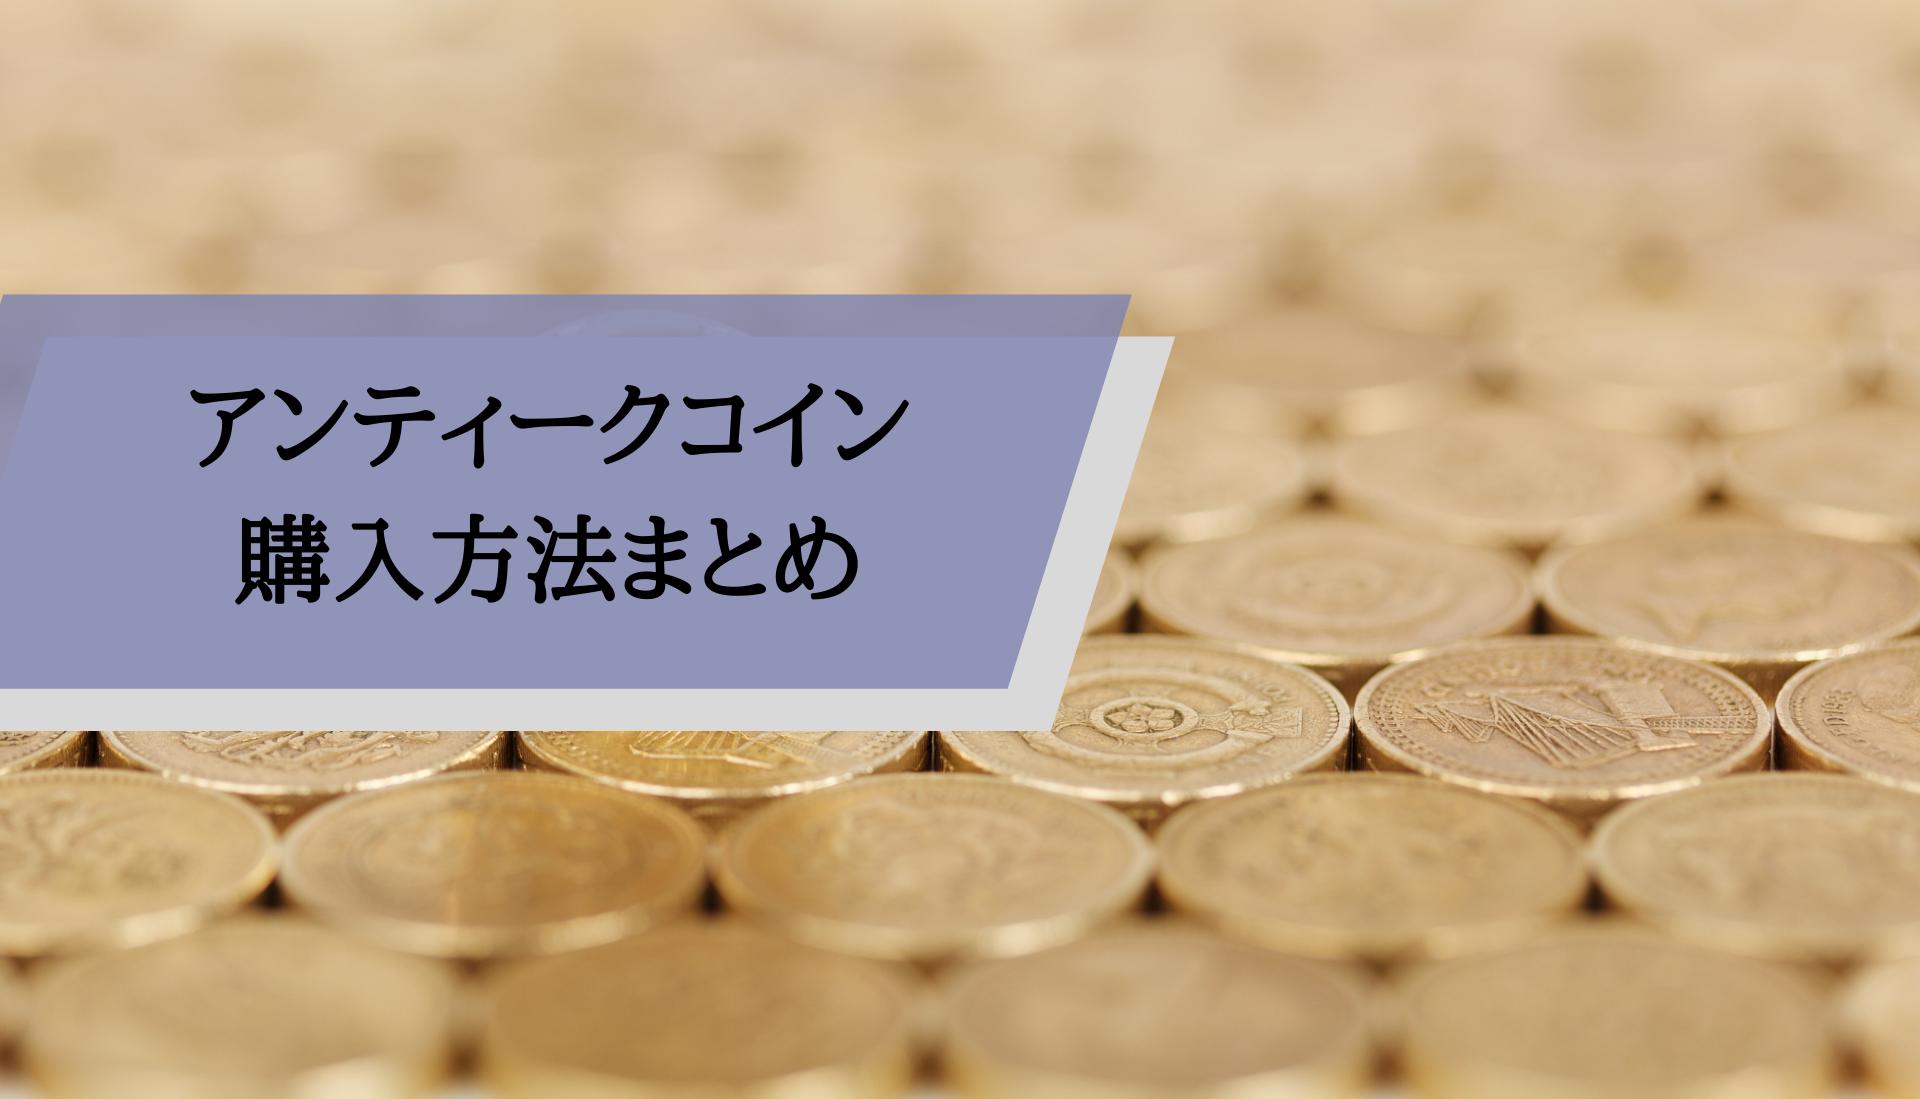 アンティークコイン買い方